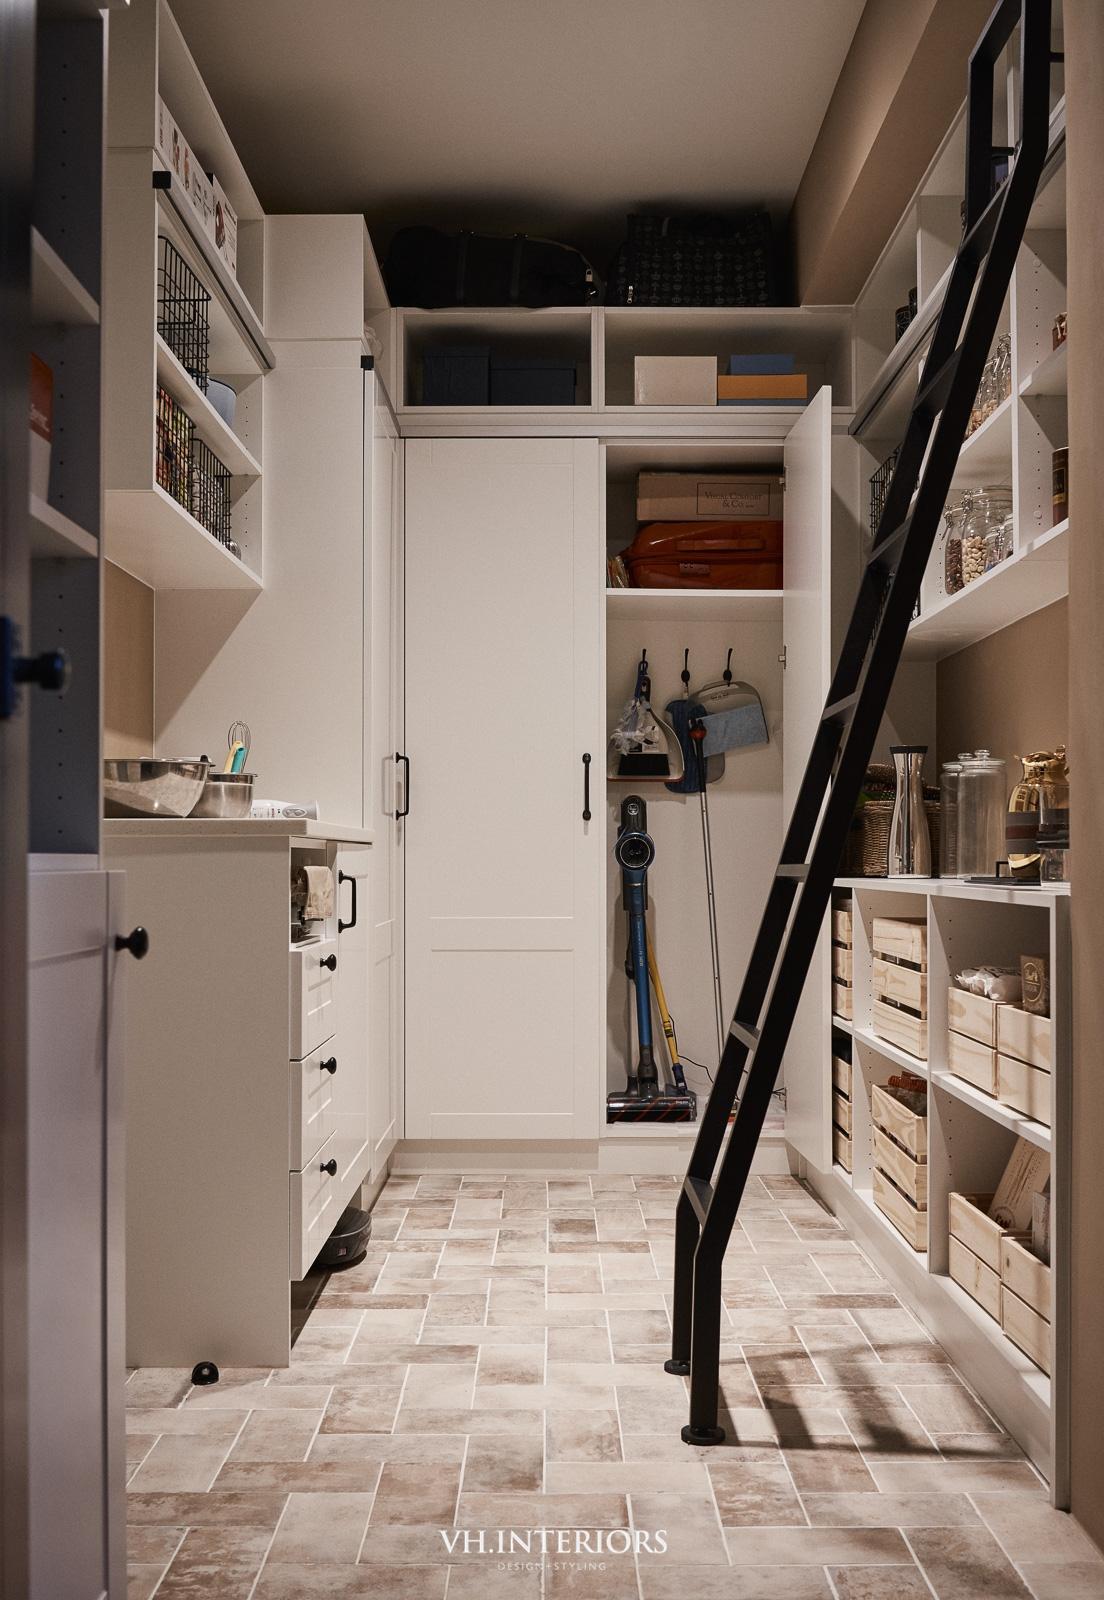 VH_ApartmentWithDog-640.jpg